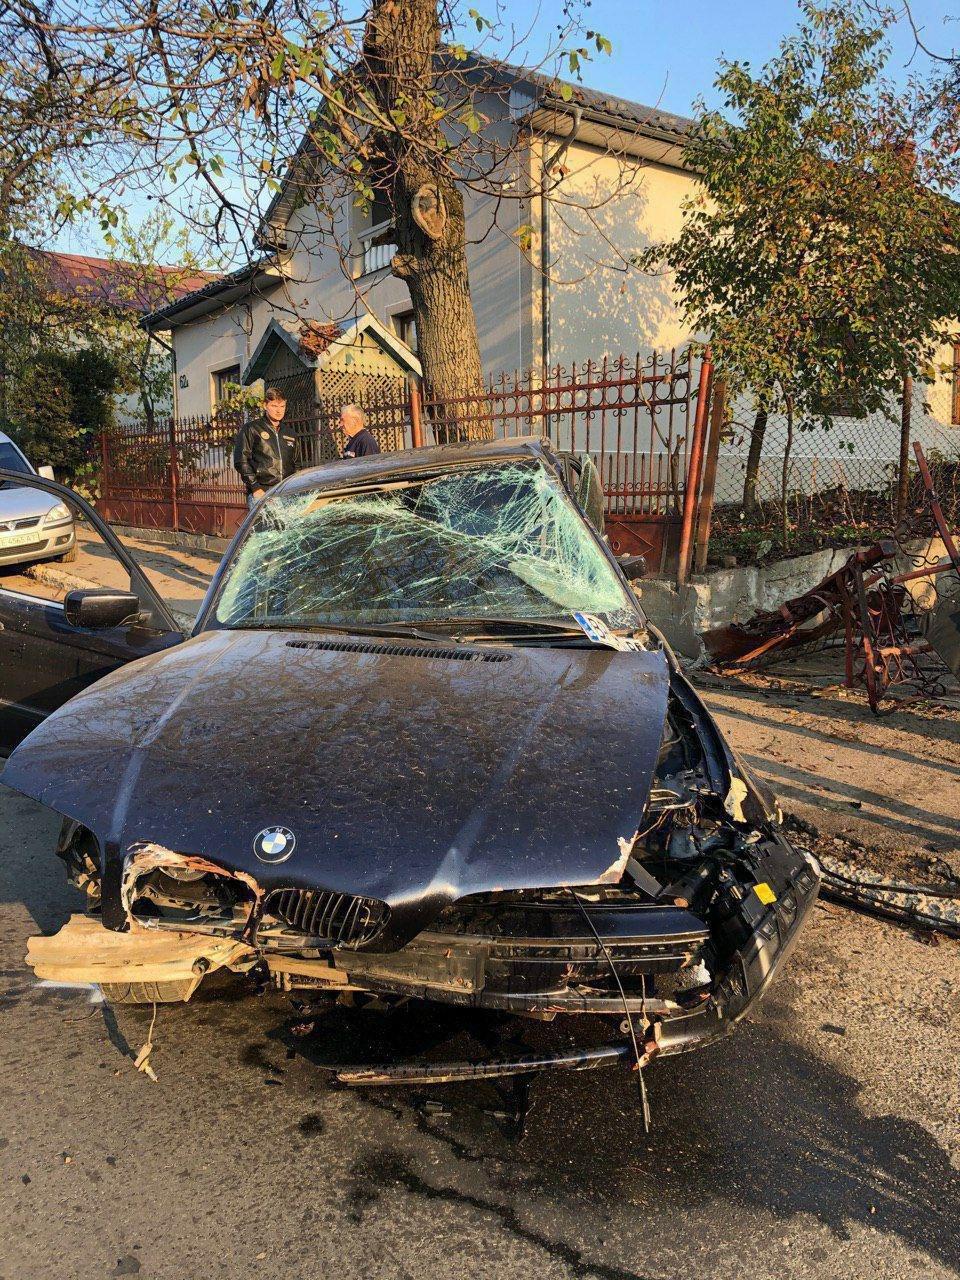 П'яний водій у Чернівцях розтрощив BMW об огорожу - ФОТО, фото-3